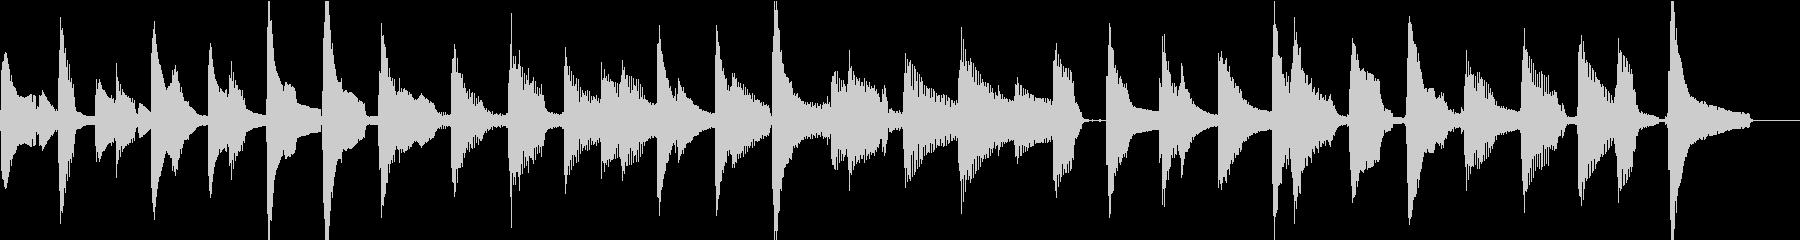 ウクレレ1本のみ(ストローク+メロディ)の未再生の波形